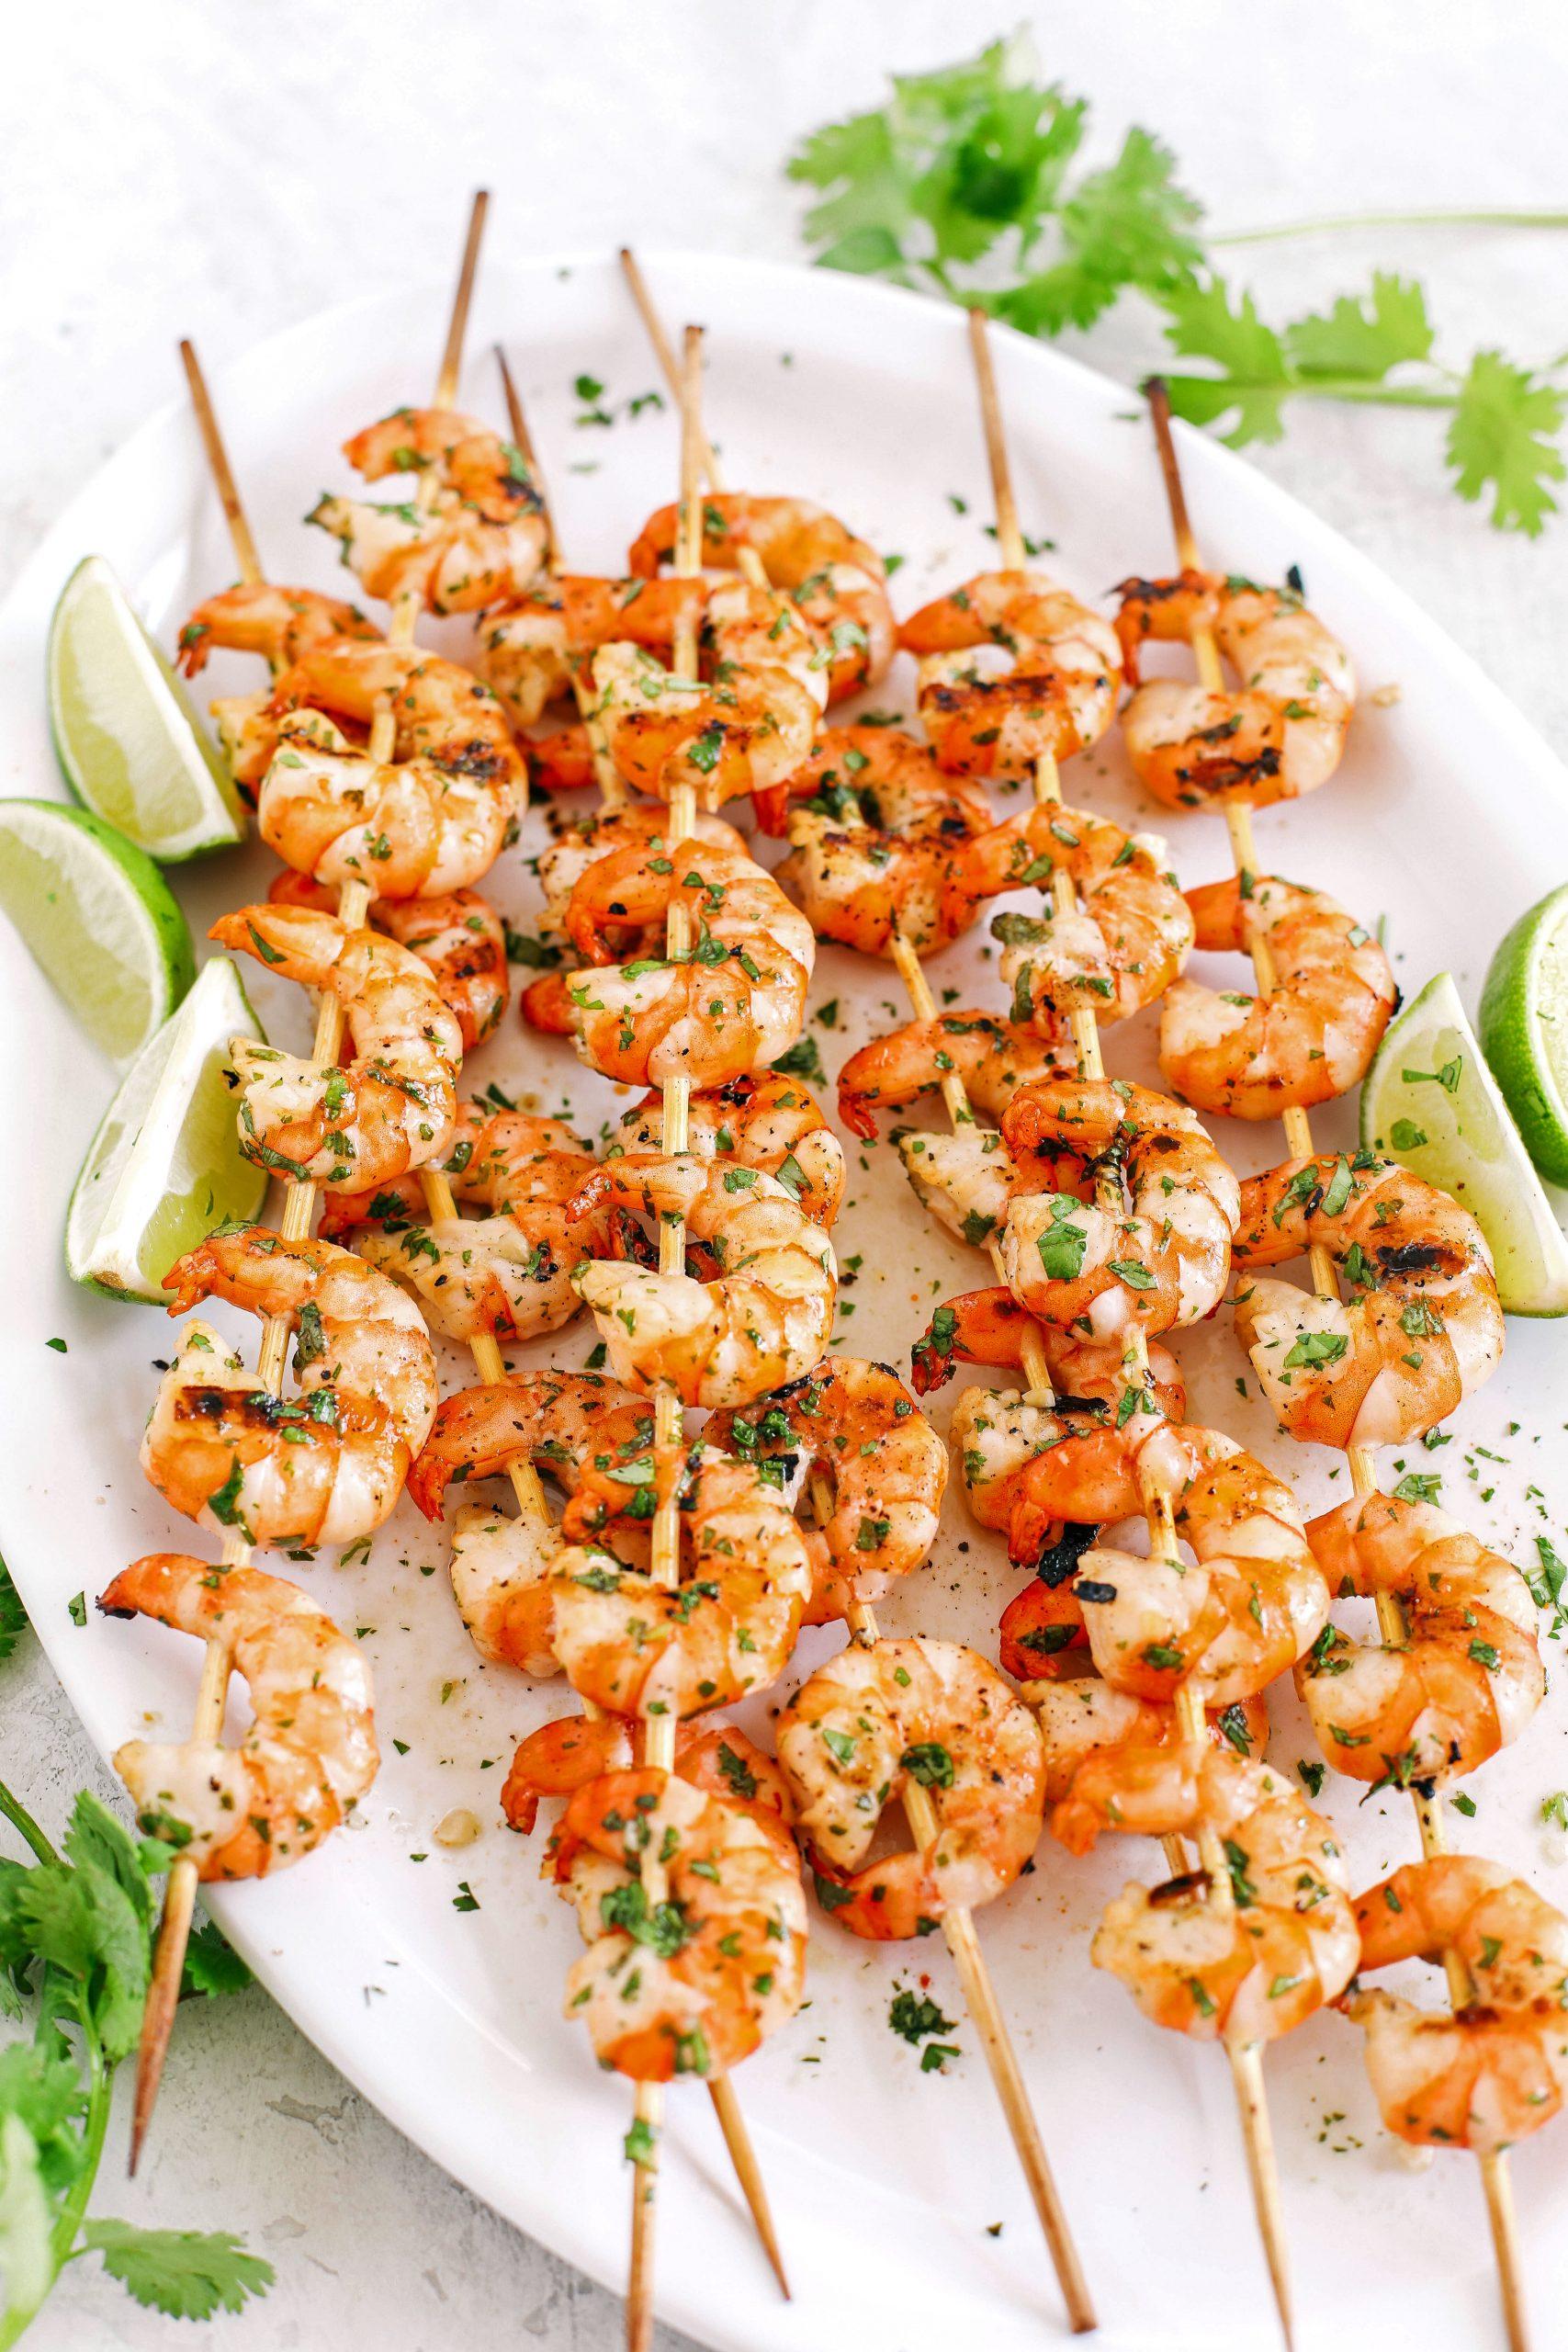 Estes espetos de camarão Margarita fazem a refeição de verão perfeita, leve, saudável e marinada em alho, suco de limão fresco, coentro e, claro, tequila!